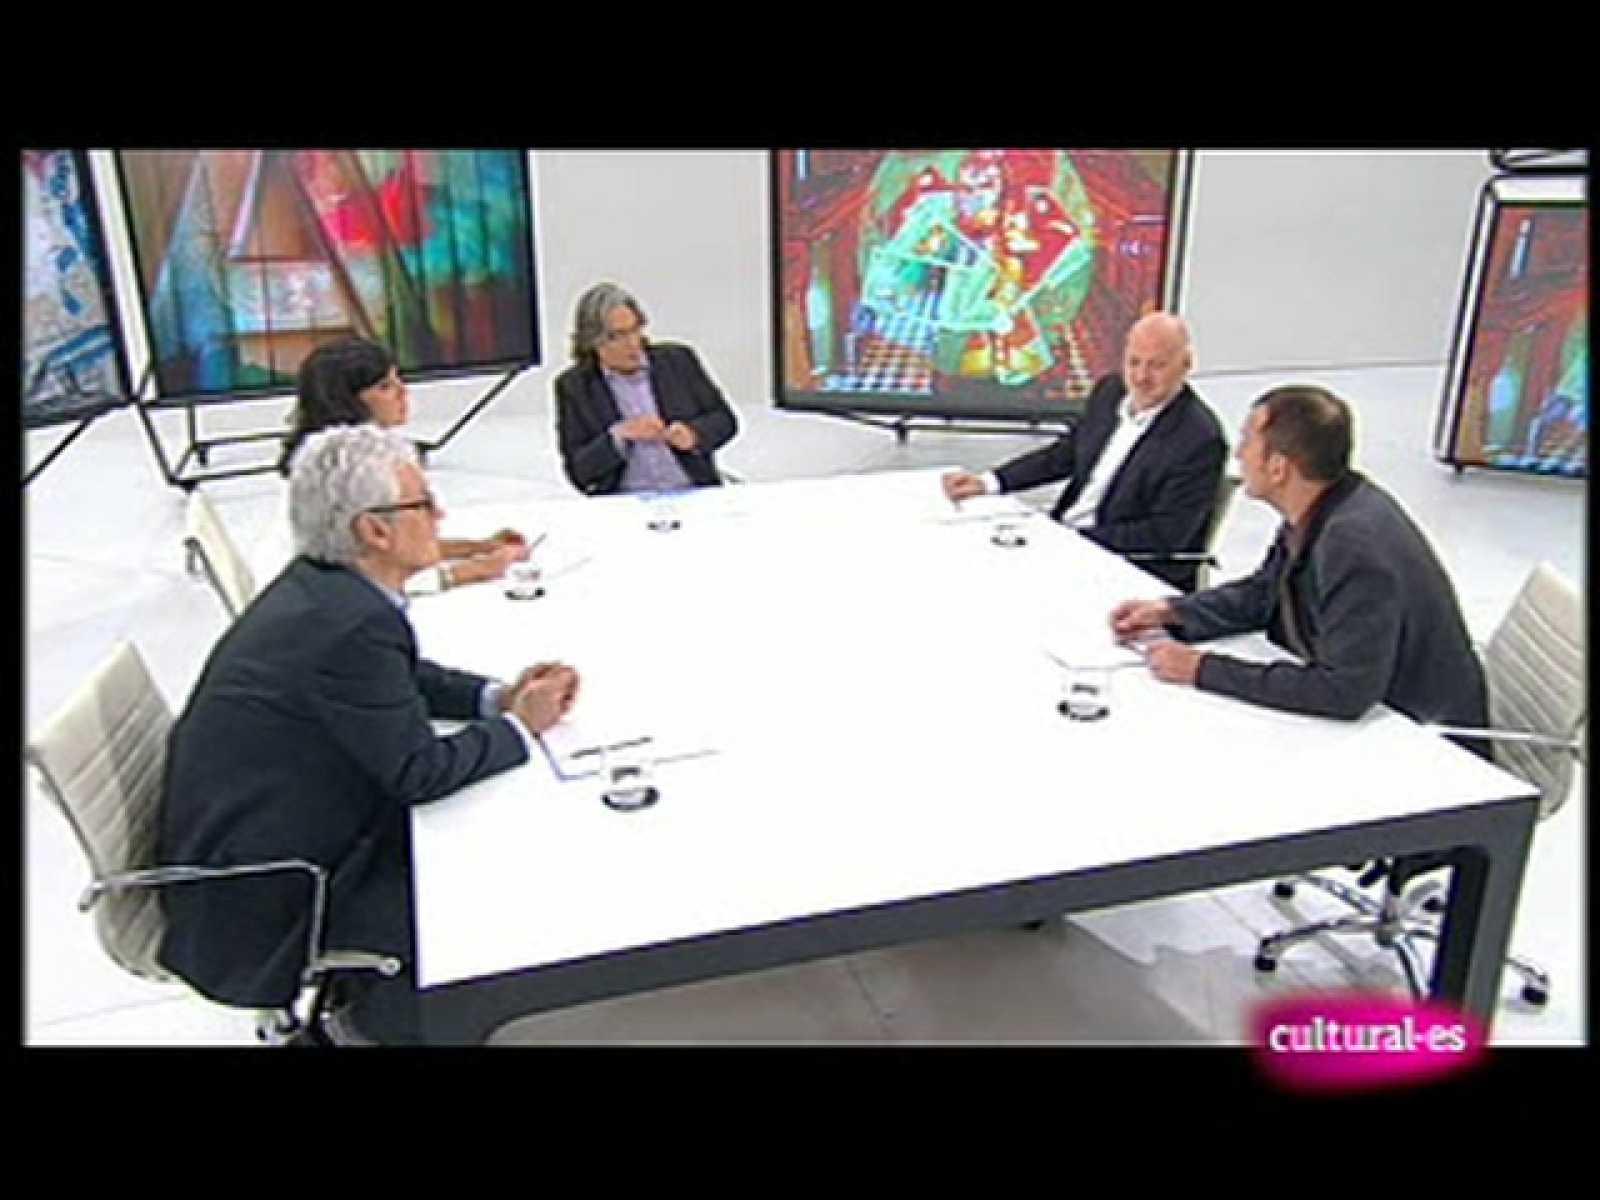 Centros en red - programa 20 (9/07/2010) . La gestión de la cultura.